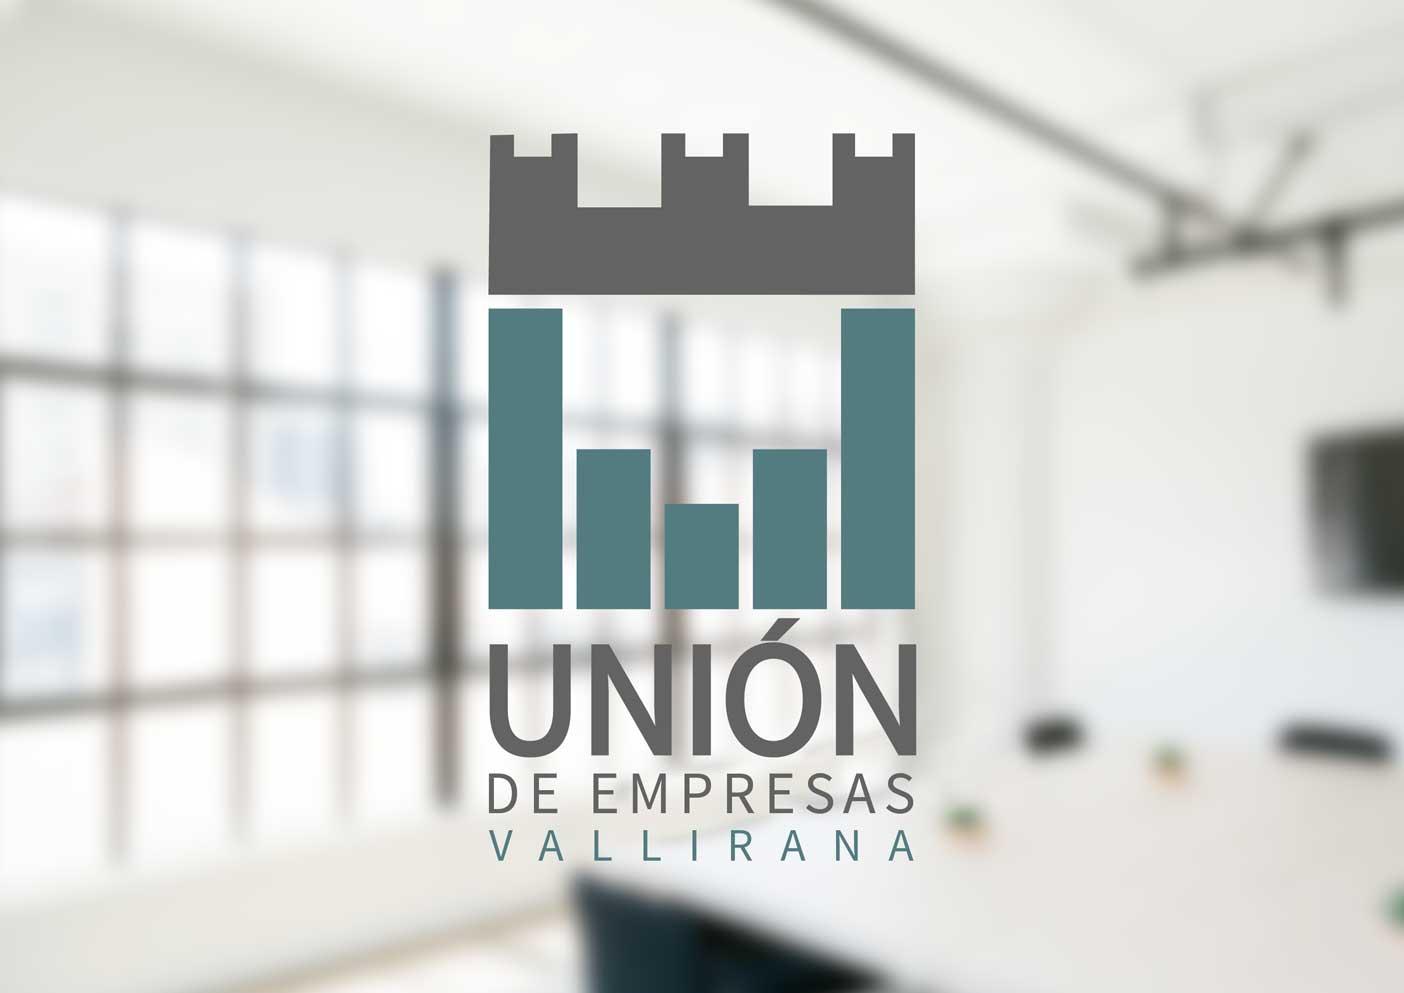 UNION-DE-EMPRESAS_DELPROSL_VALLIRANA